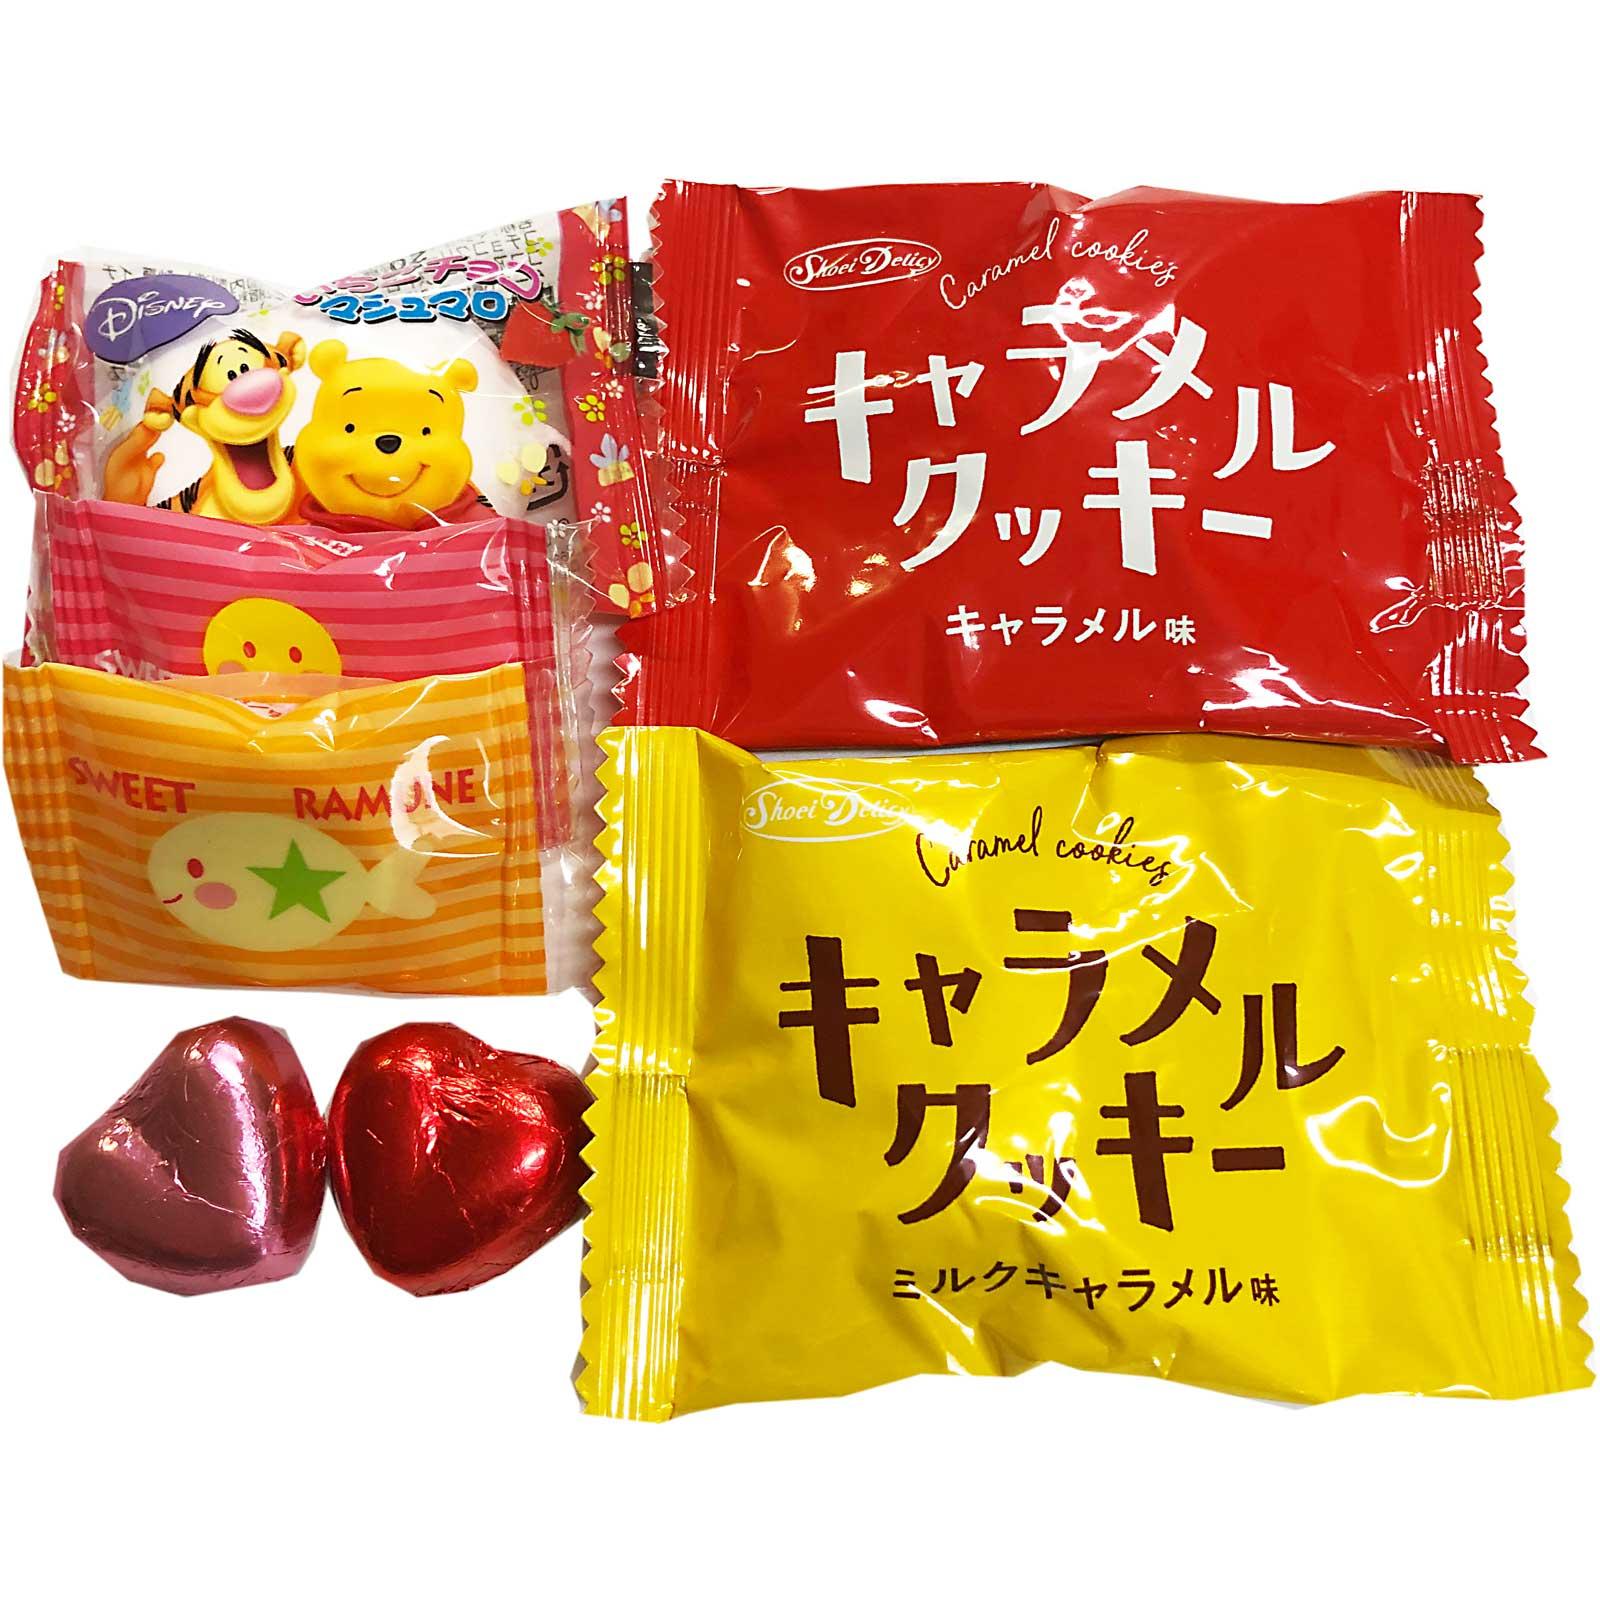 バレンタインのお菓子